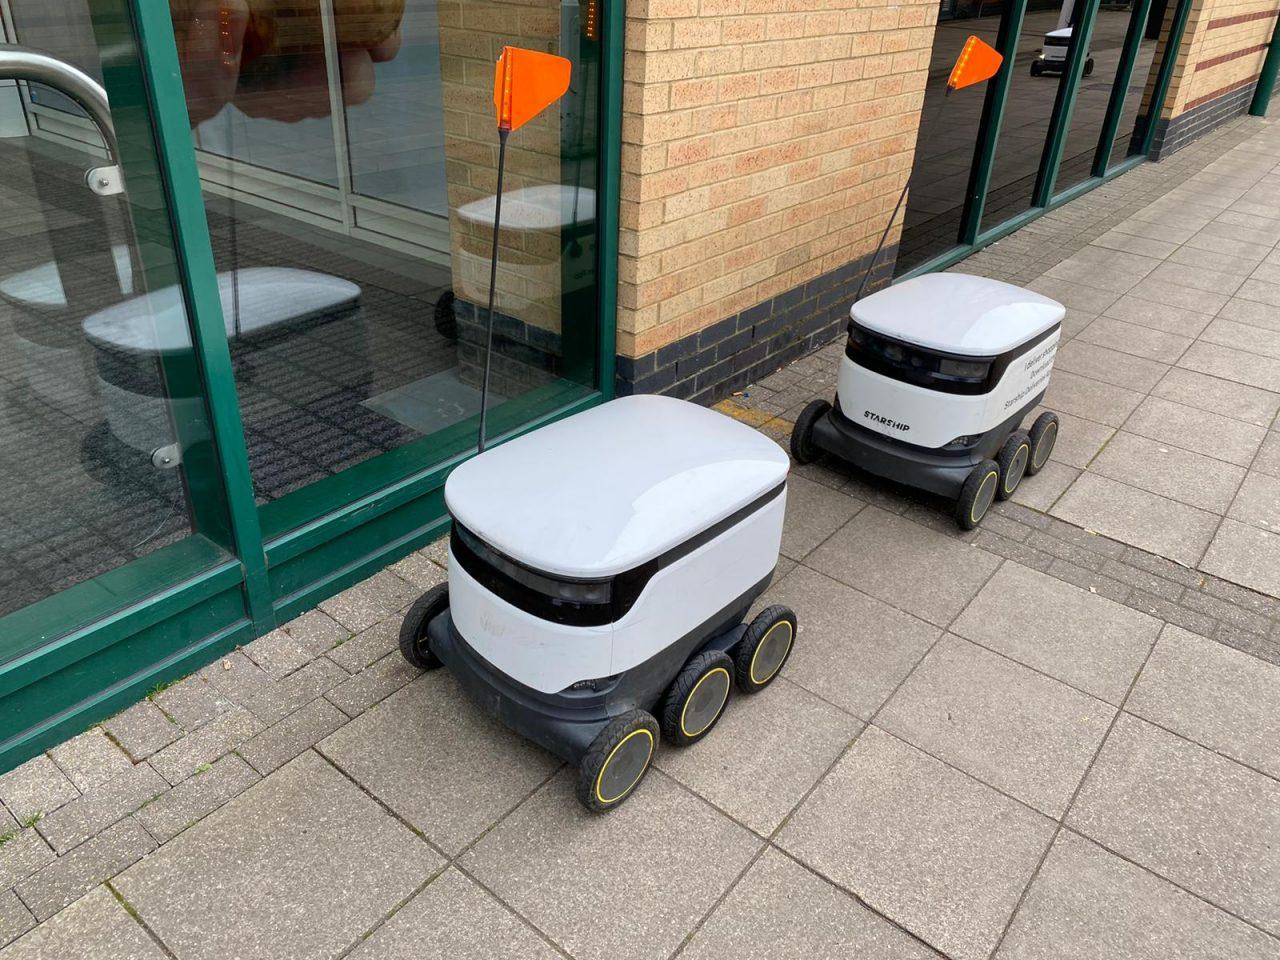 Así son los repartidores robóticos que llevan comida a domicilio en la ciudad de un finolier